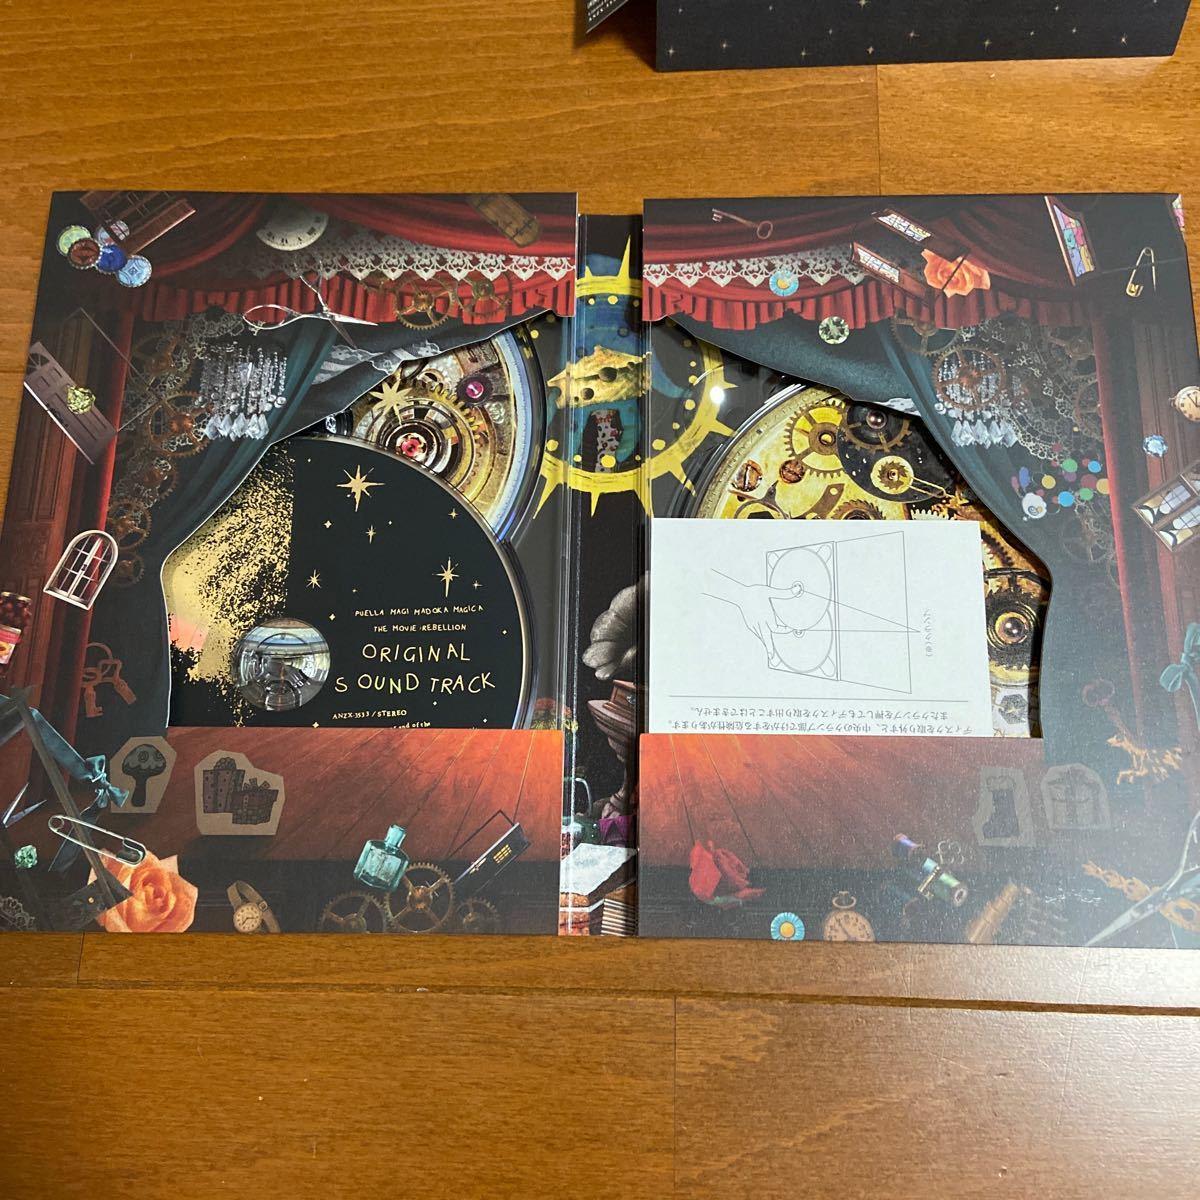 劇場版 魔法少女まどか☆マギカ [新編] 叛逆の物語 (完全生産限定版) (Blu-ray Disc)